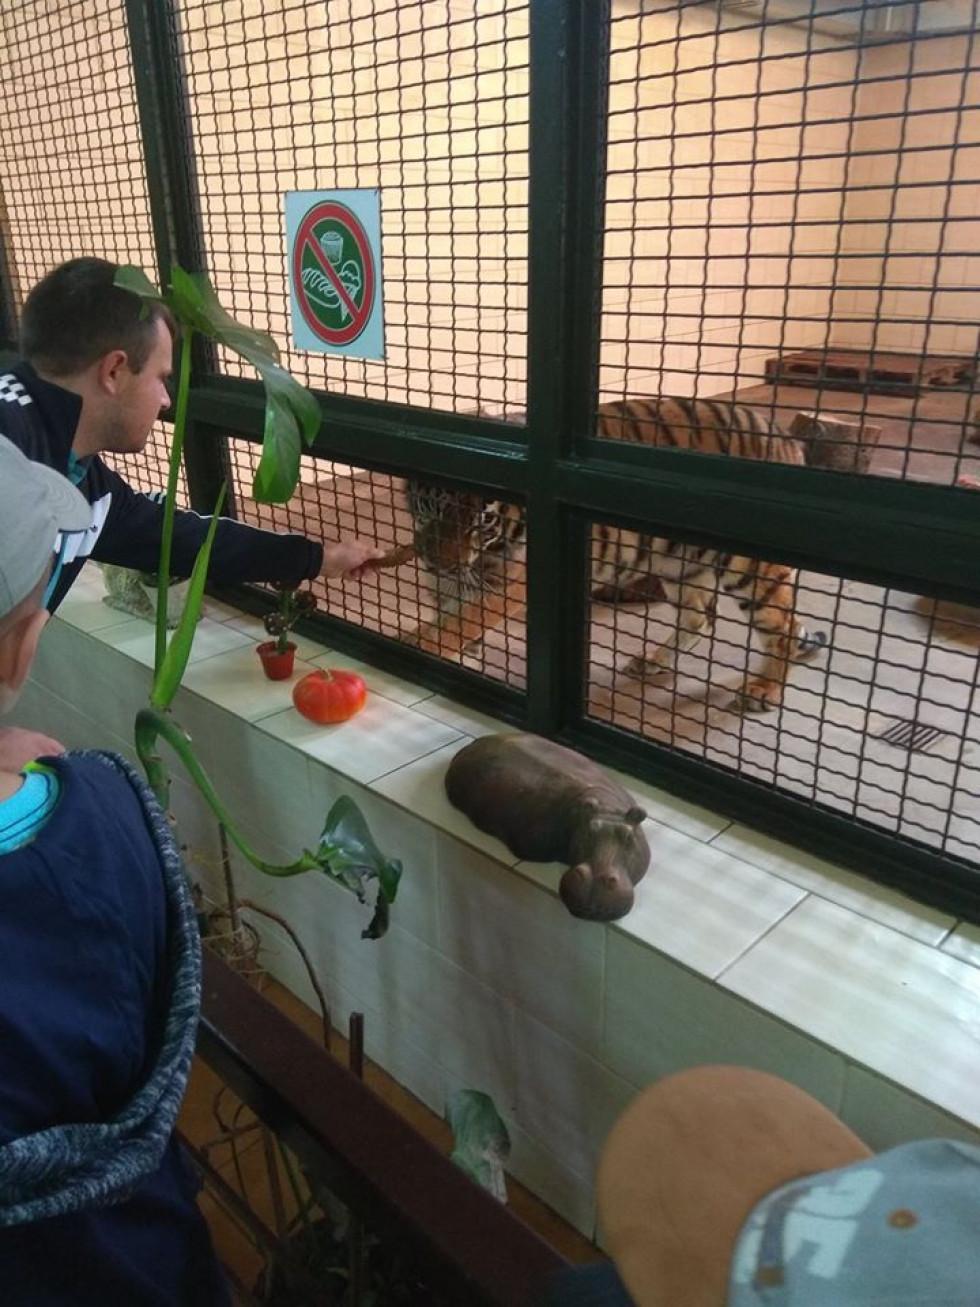 Відвідувач годує хлібом тигреня, якому не можна хліб